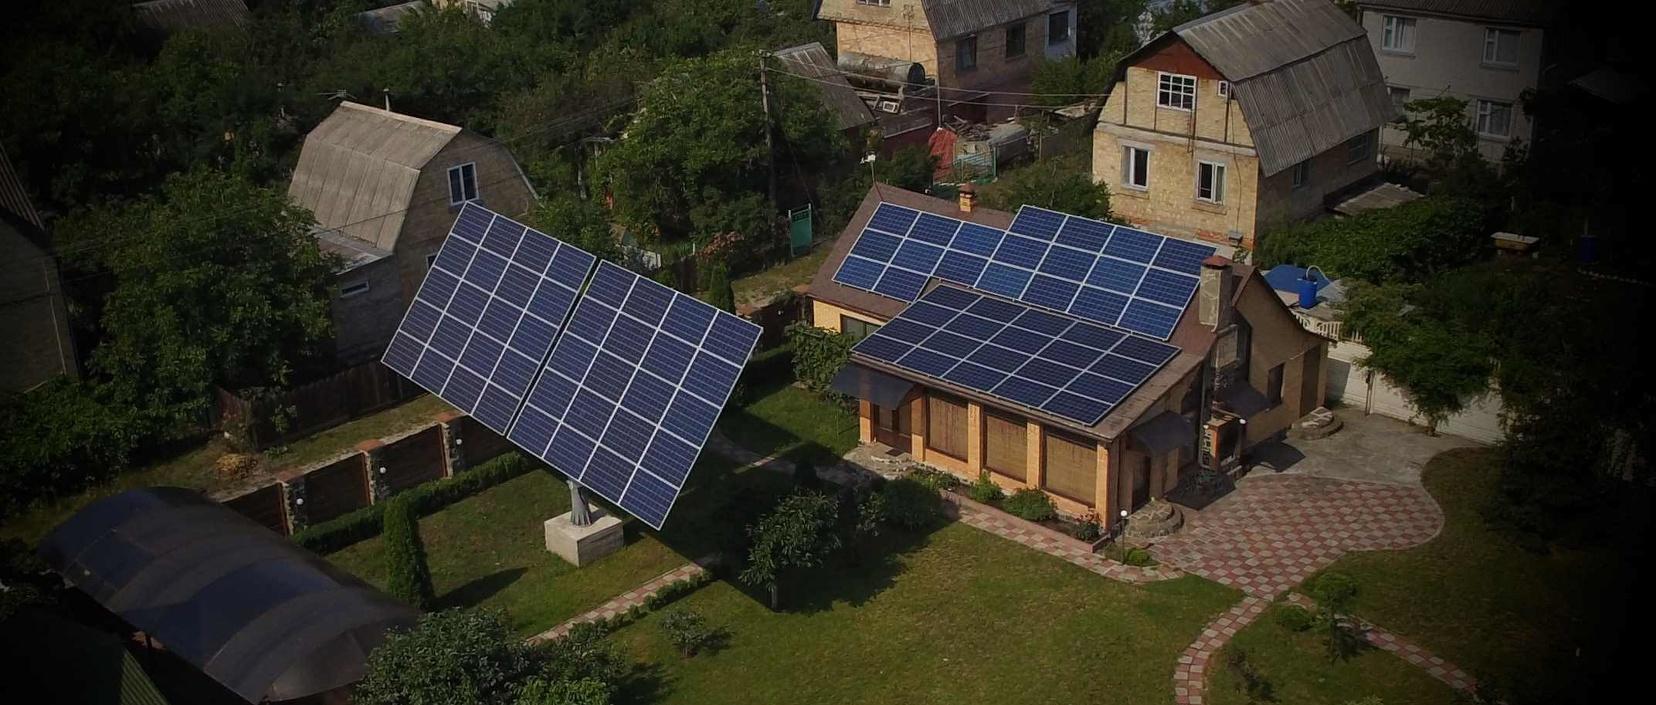 Альтернативный способ получения электроэнергии